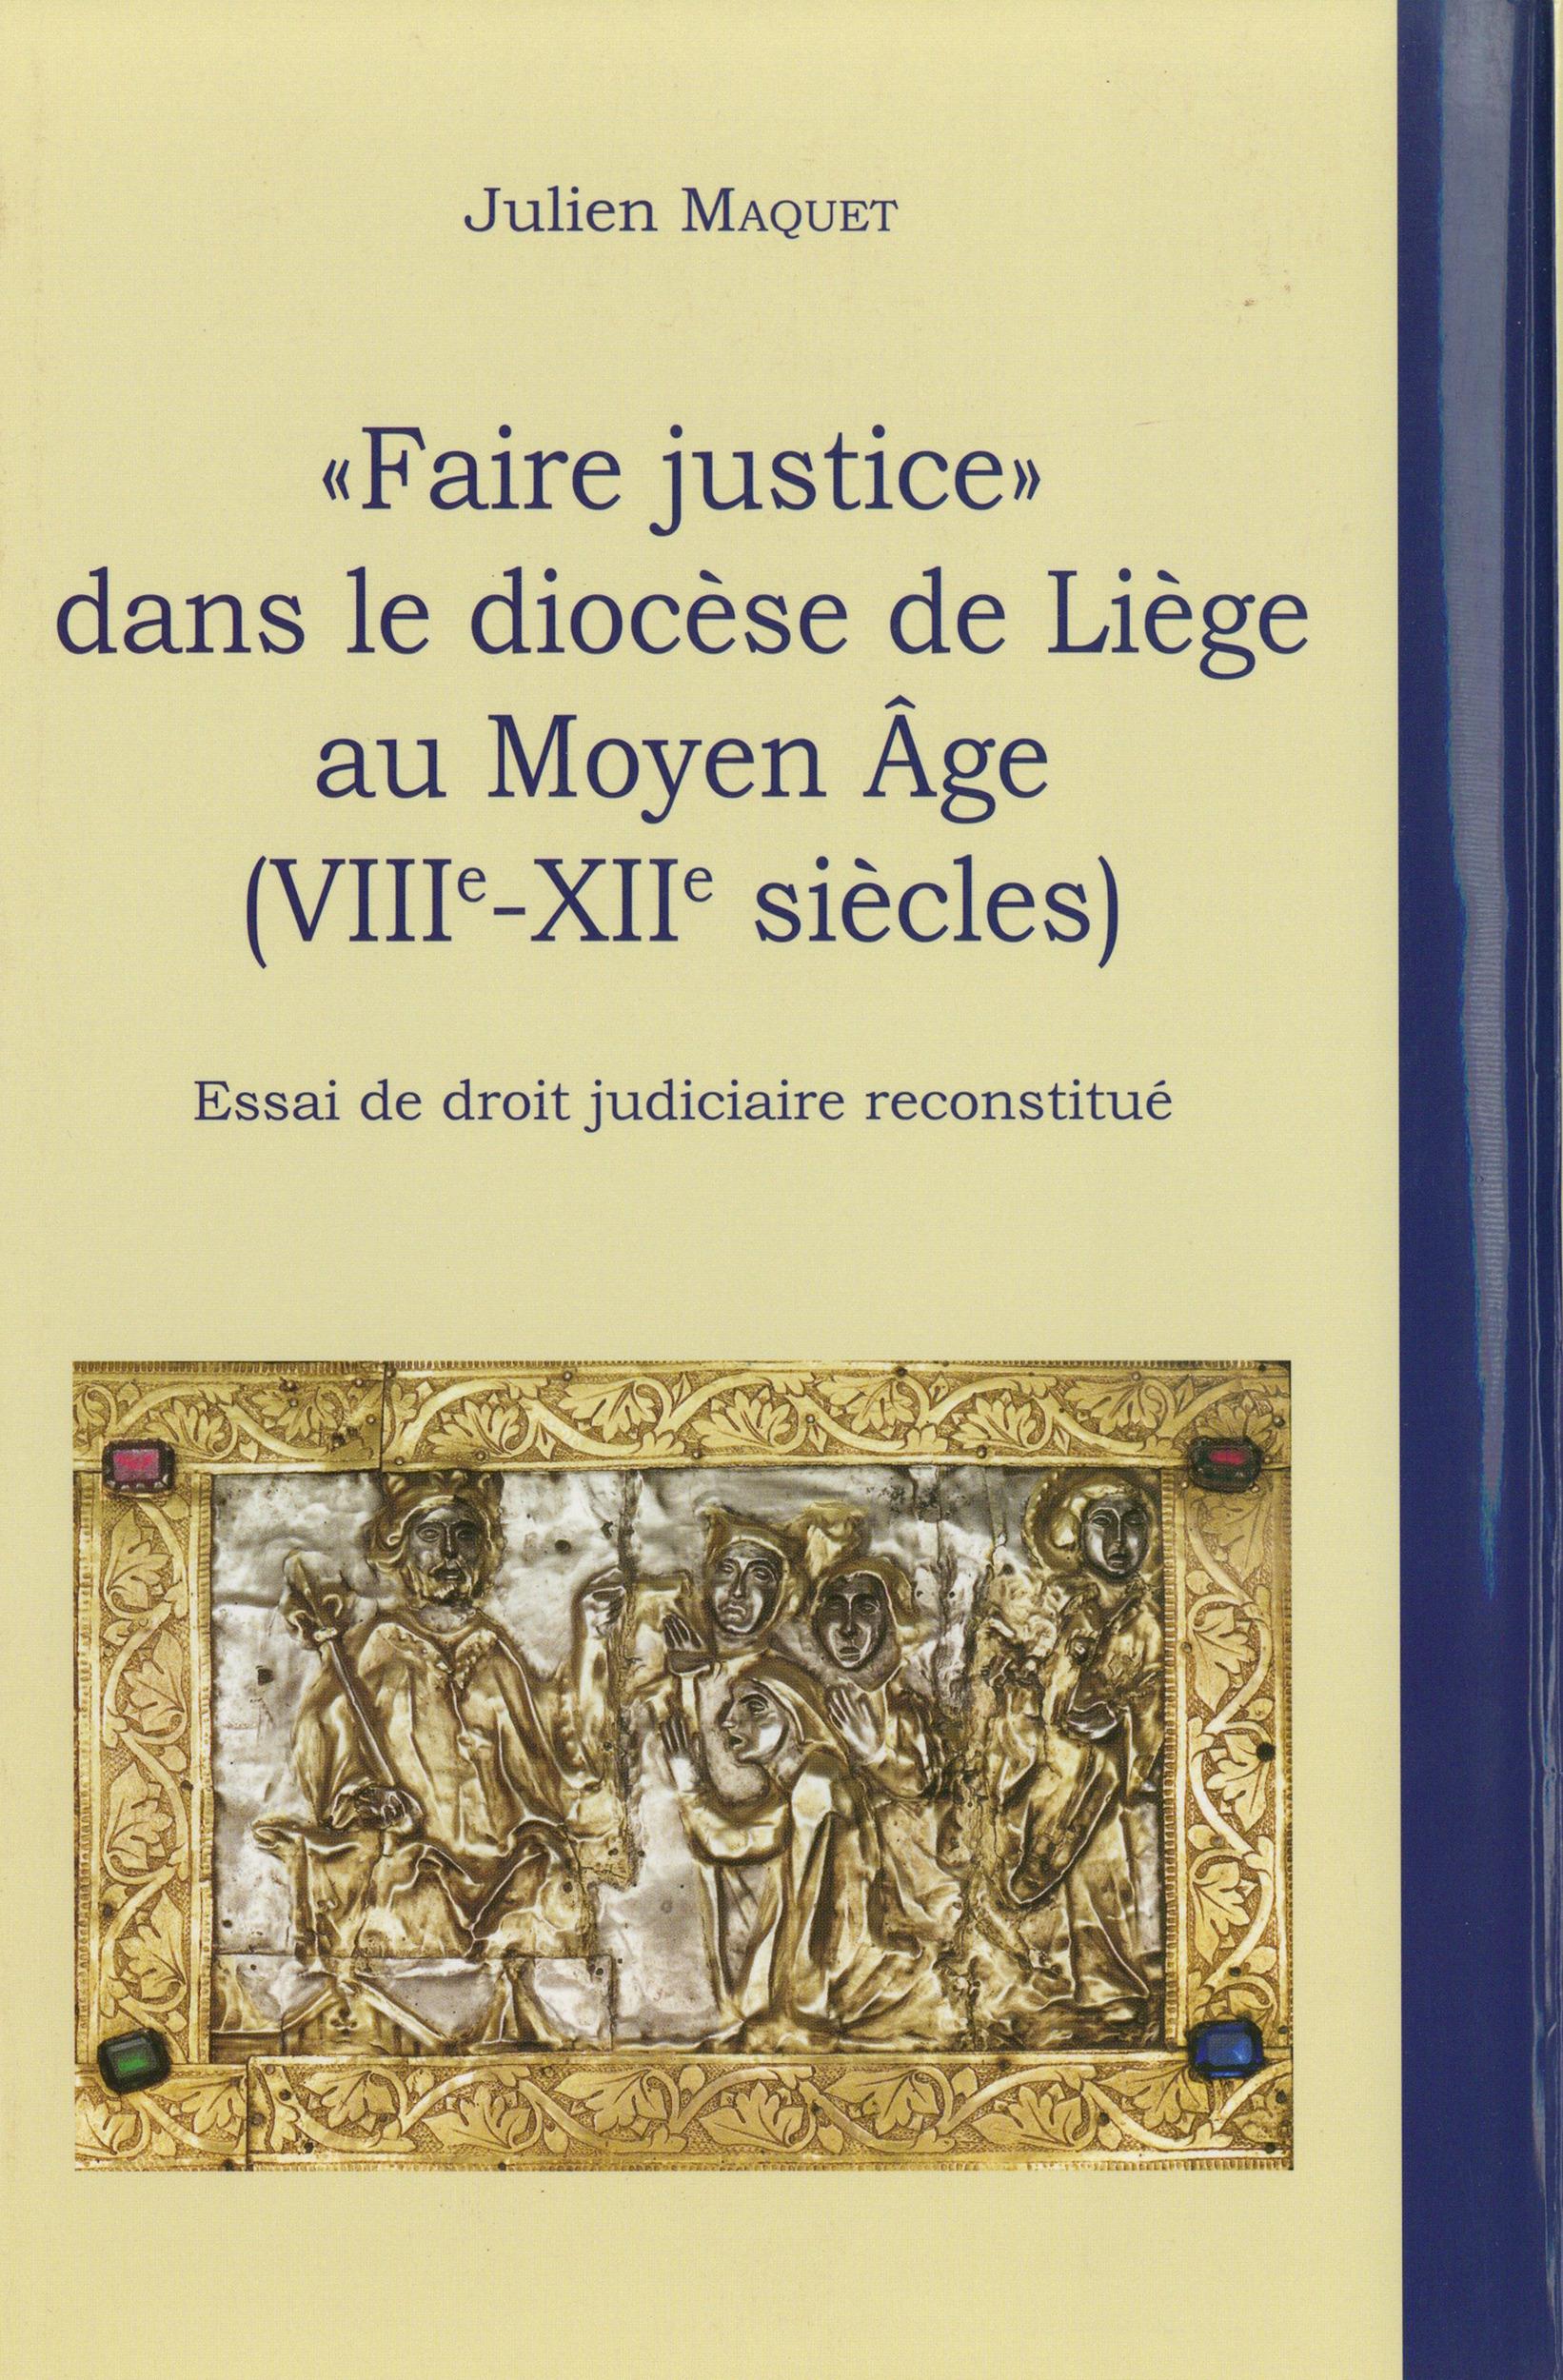 « Faire justice » dans le diocèse de Liège au Moyen Âge (VIIIe-XIIe siècles)